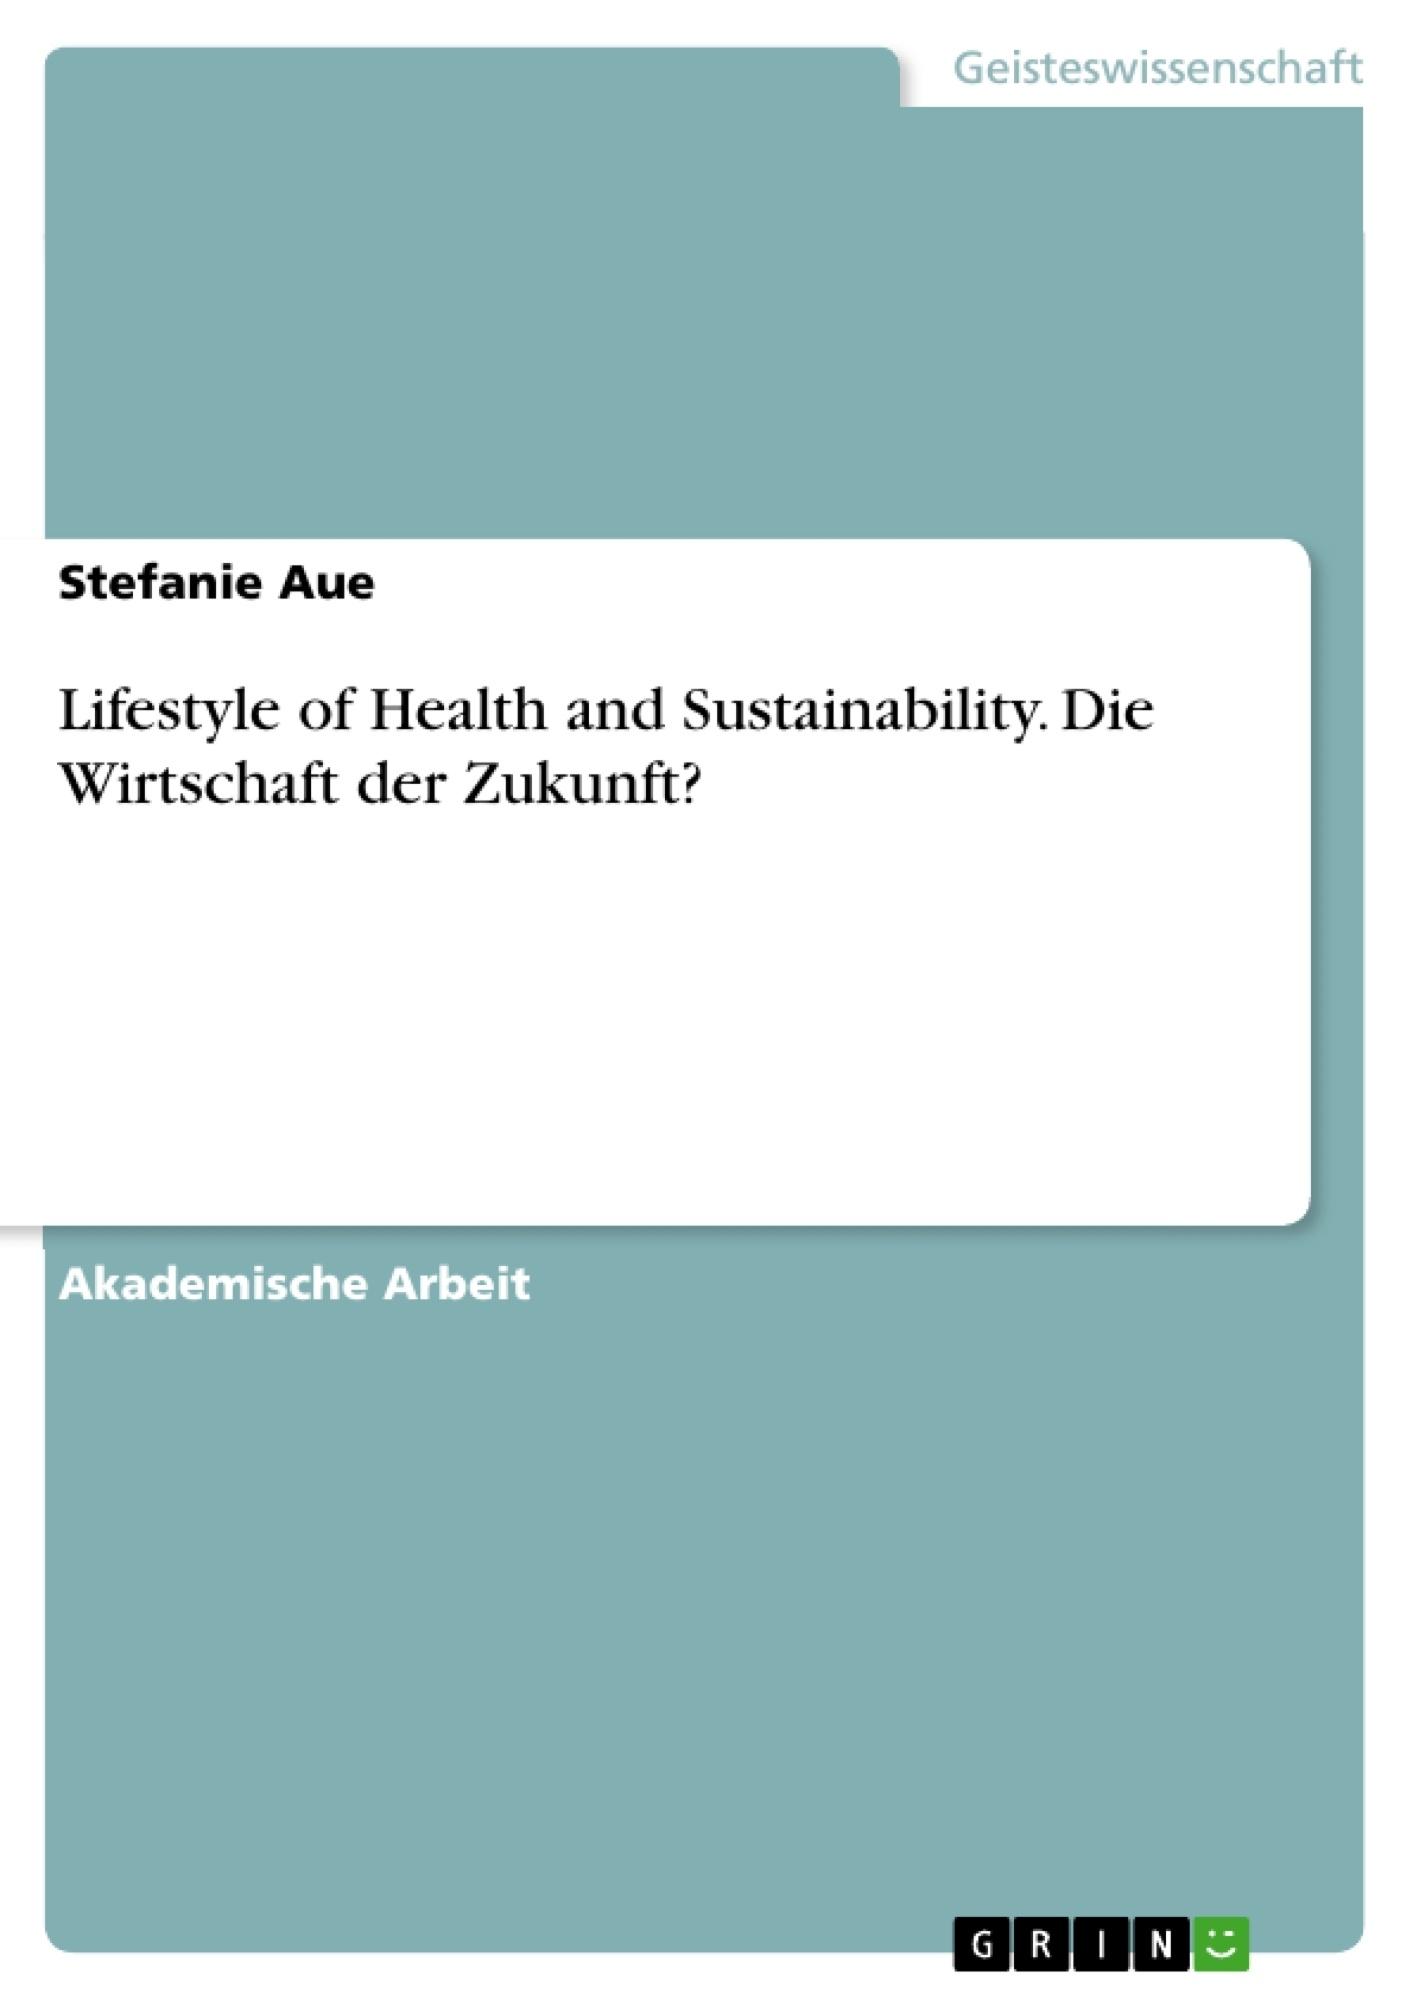 Titel: Lifestyle of Health and Sustainability. Die Wirtschaft der Zukunft?